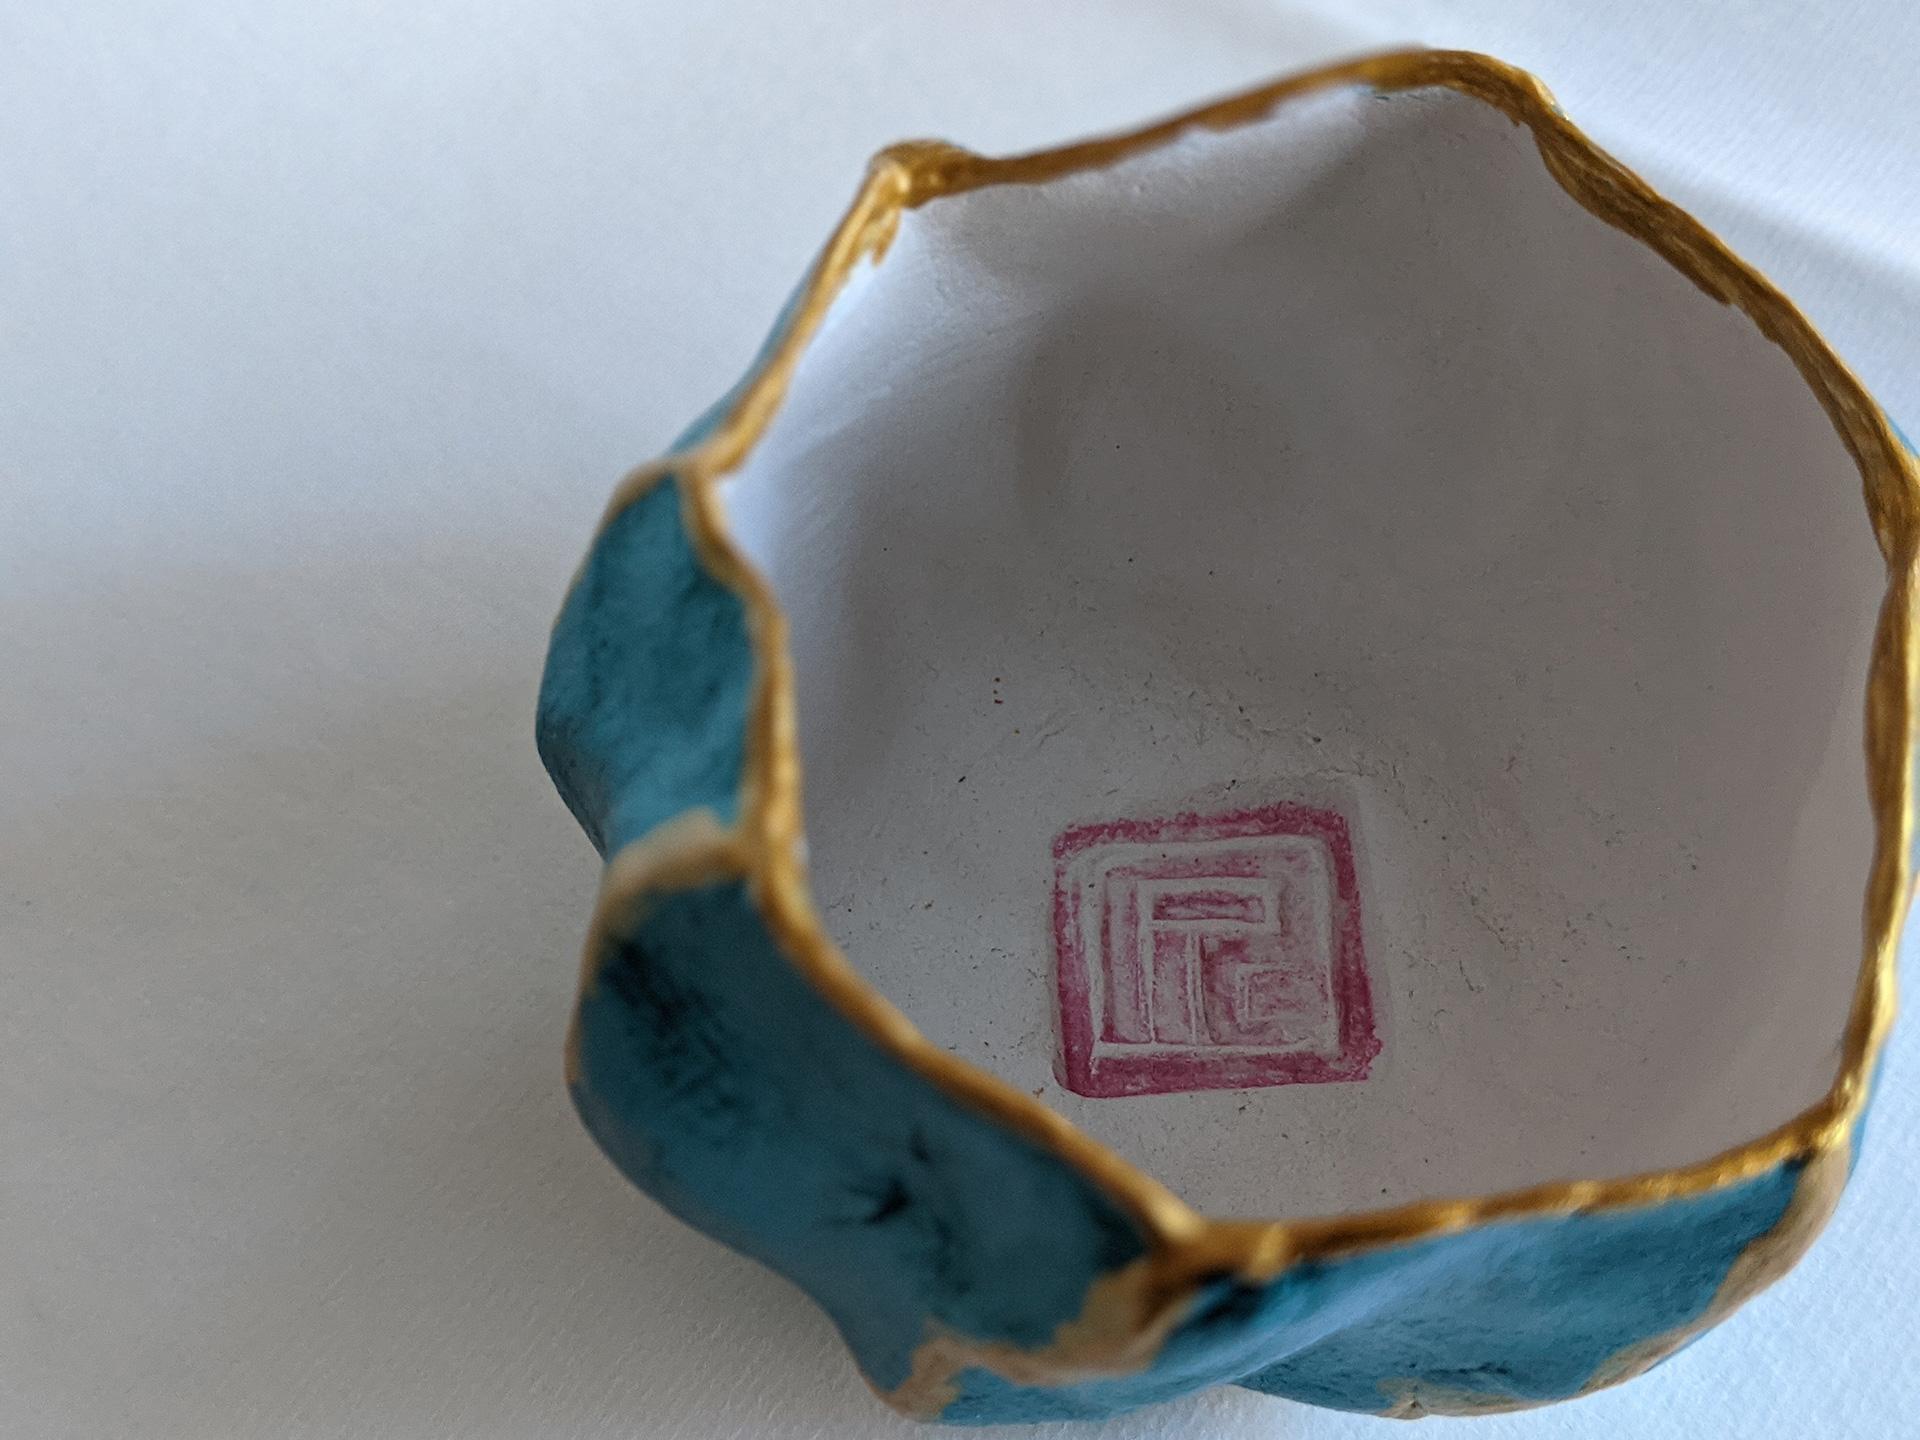 Pinch Pot by Fan Stanbrough